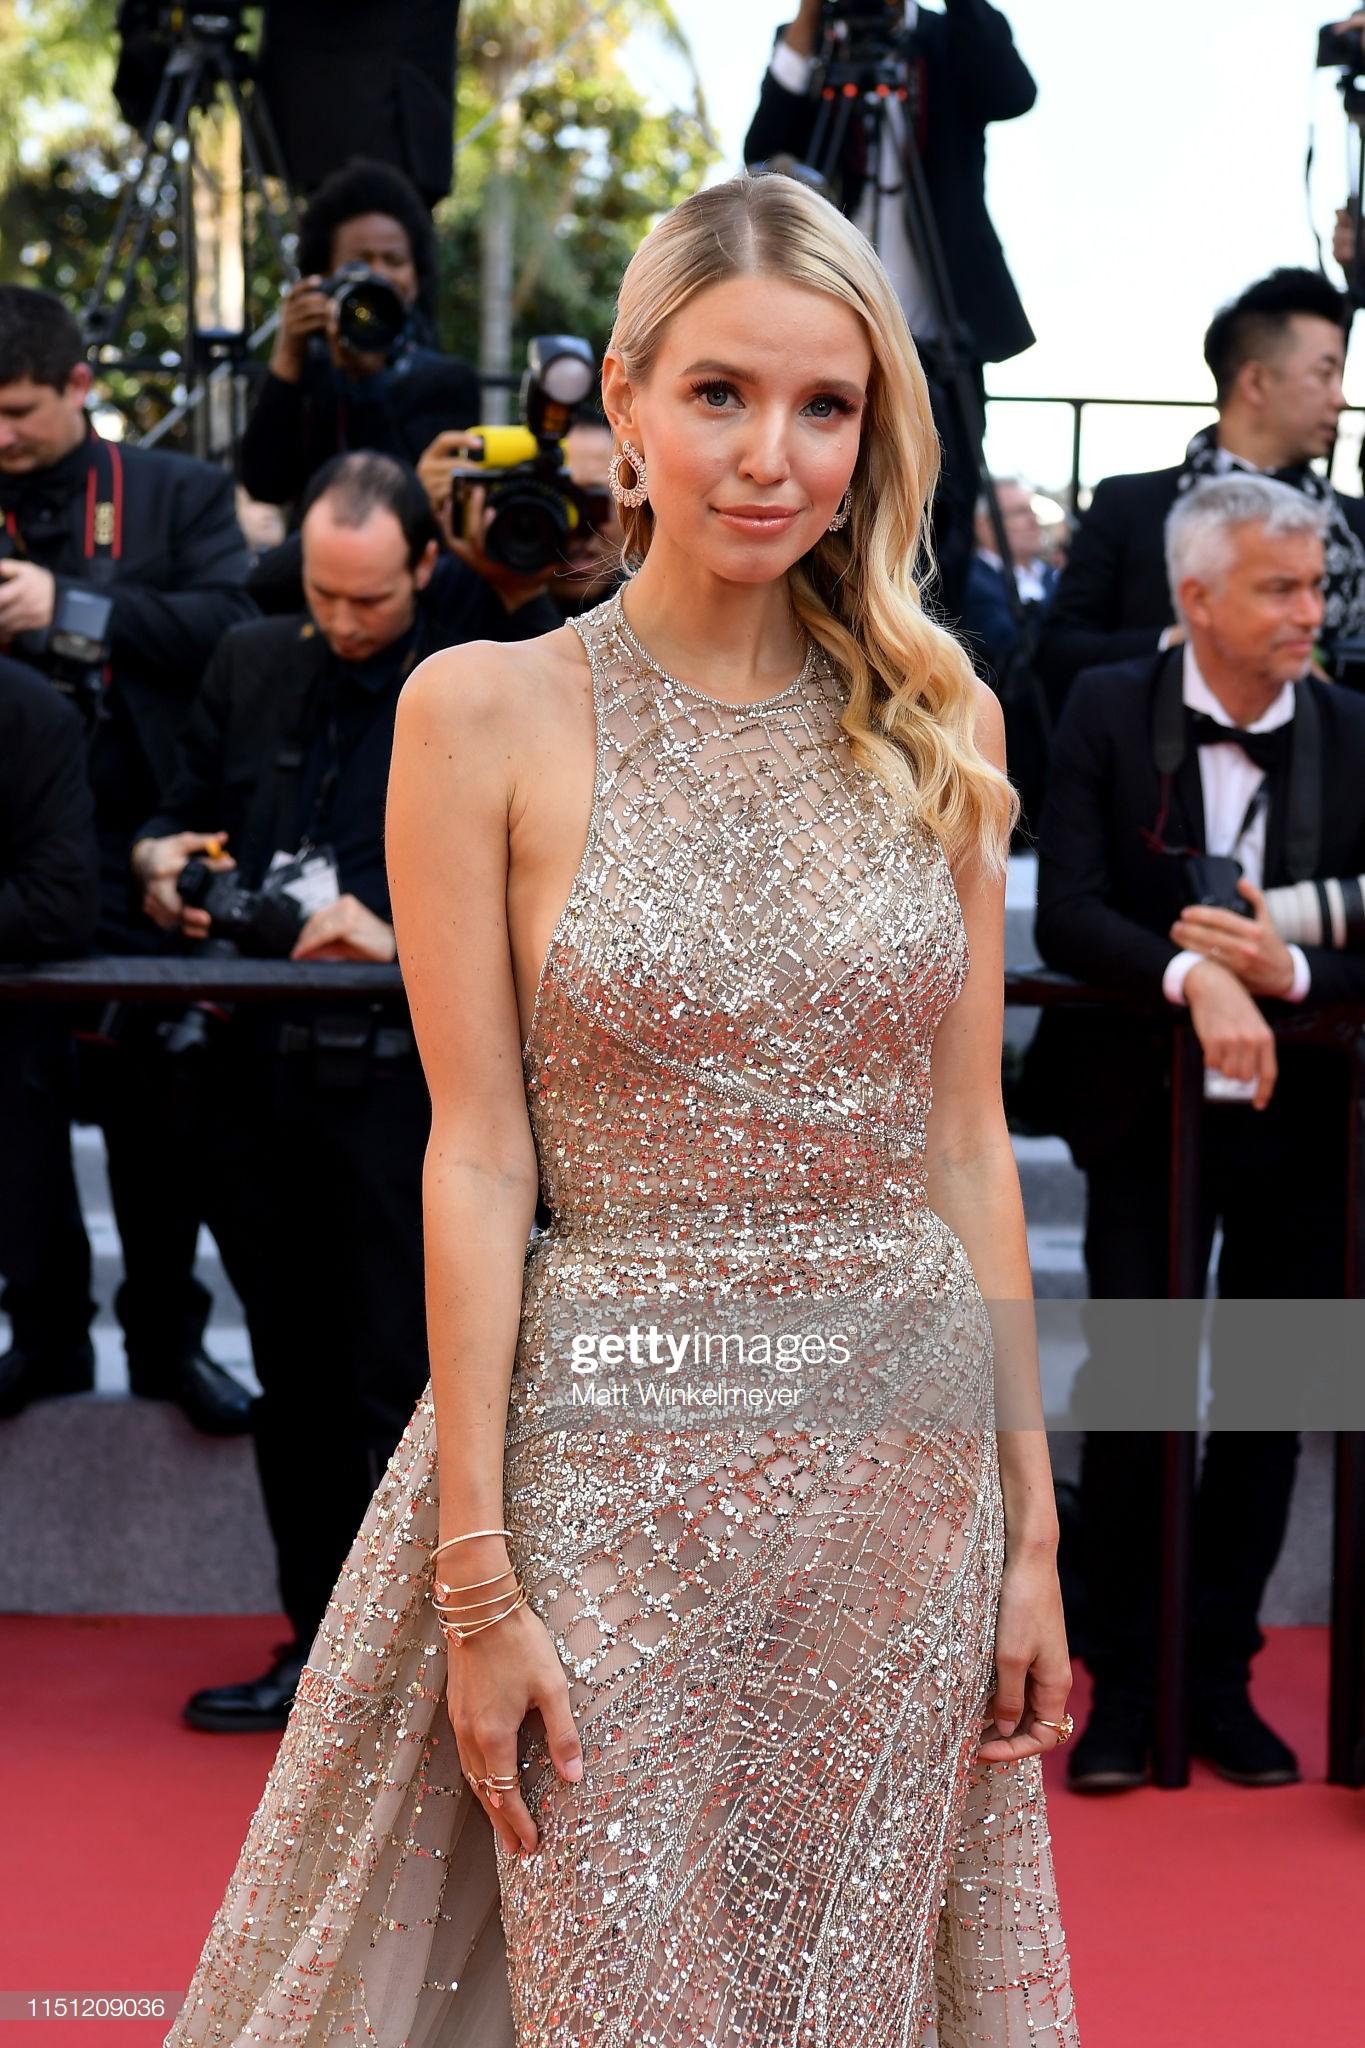 Thảm đỏ Cannes ngày 10: Các người đẹp thả rông ngực, cố tình làm trò lố vẫn bị truyền thông ngó lơ - Ảnh 18.